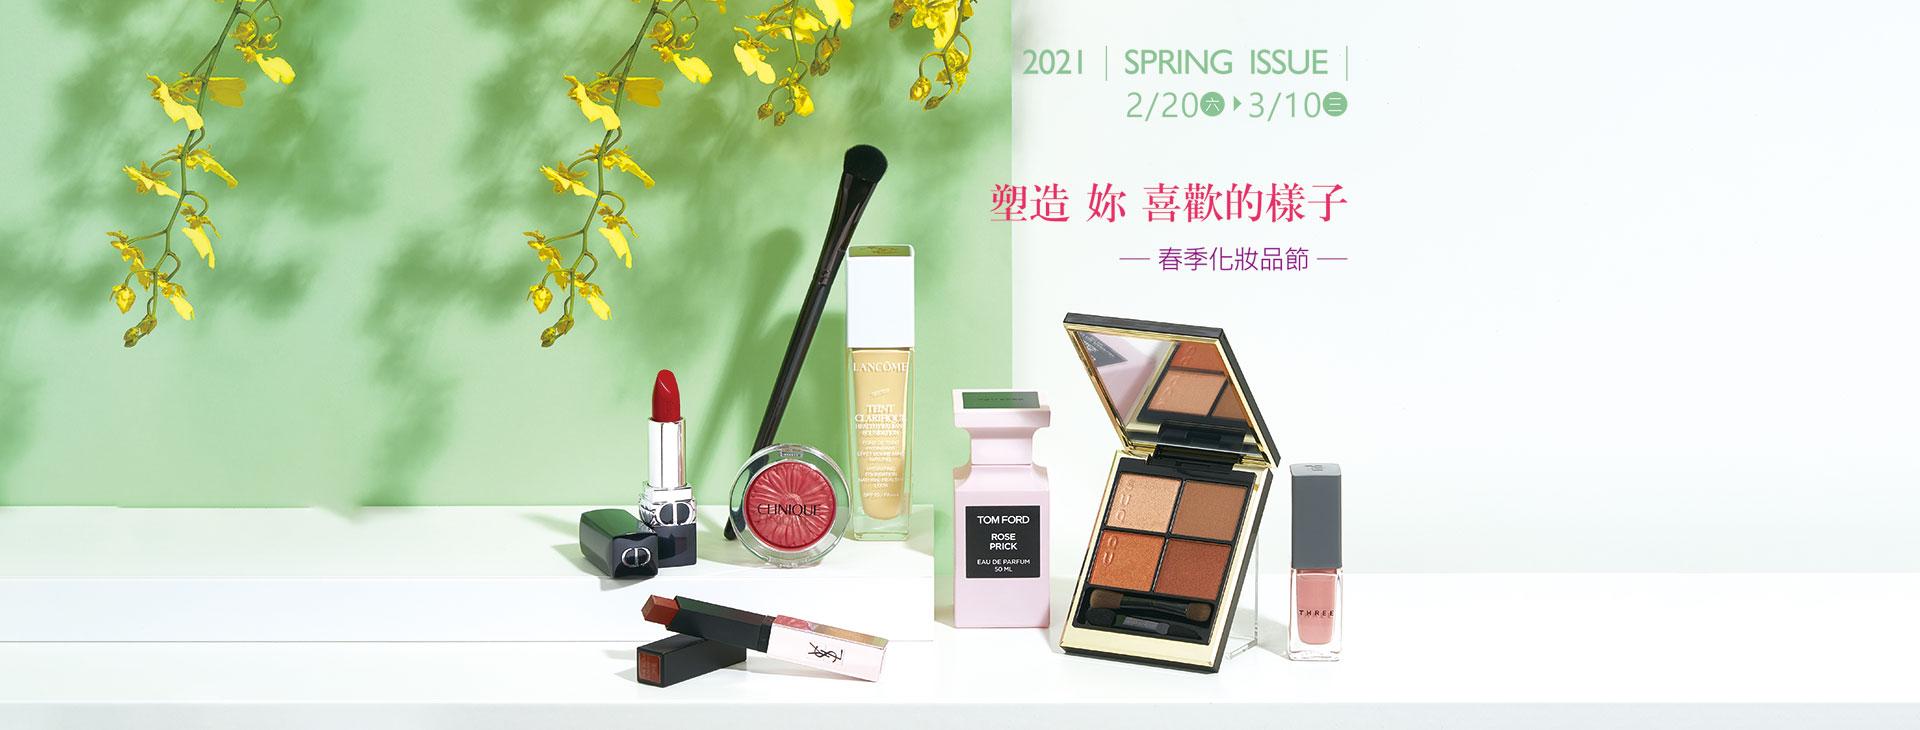 春季化妝品節